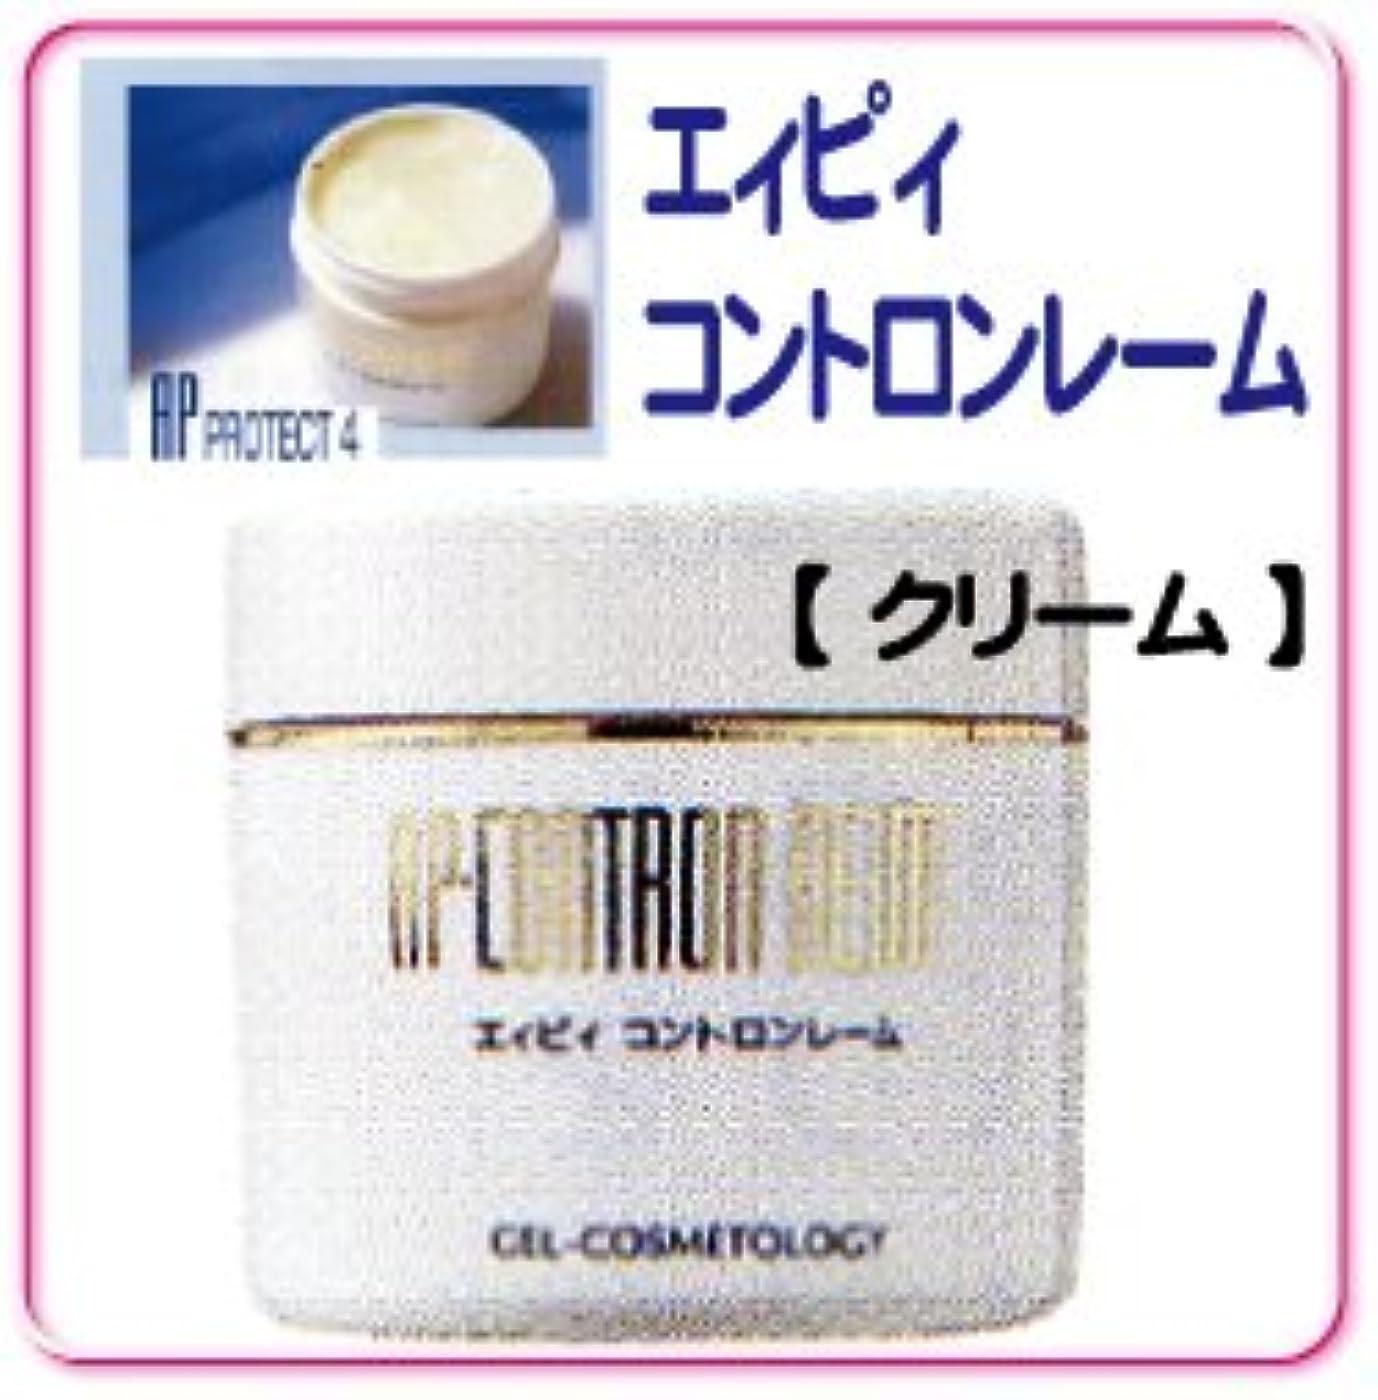 休み関税こねるベルマン化粧品 APprotectシリーズ  コントロンレーム  敏感肌用クリーム 110g